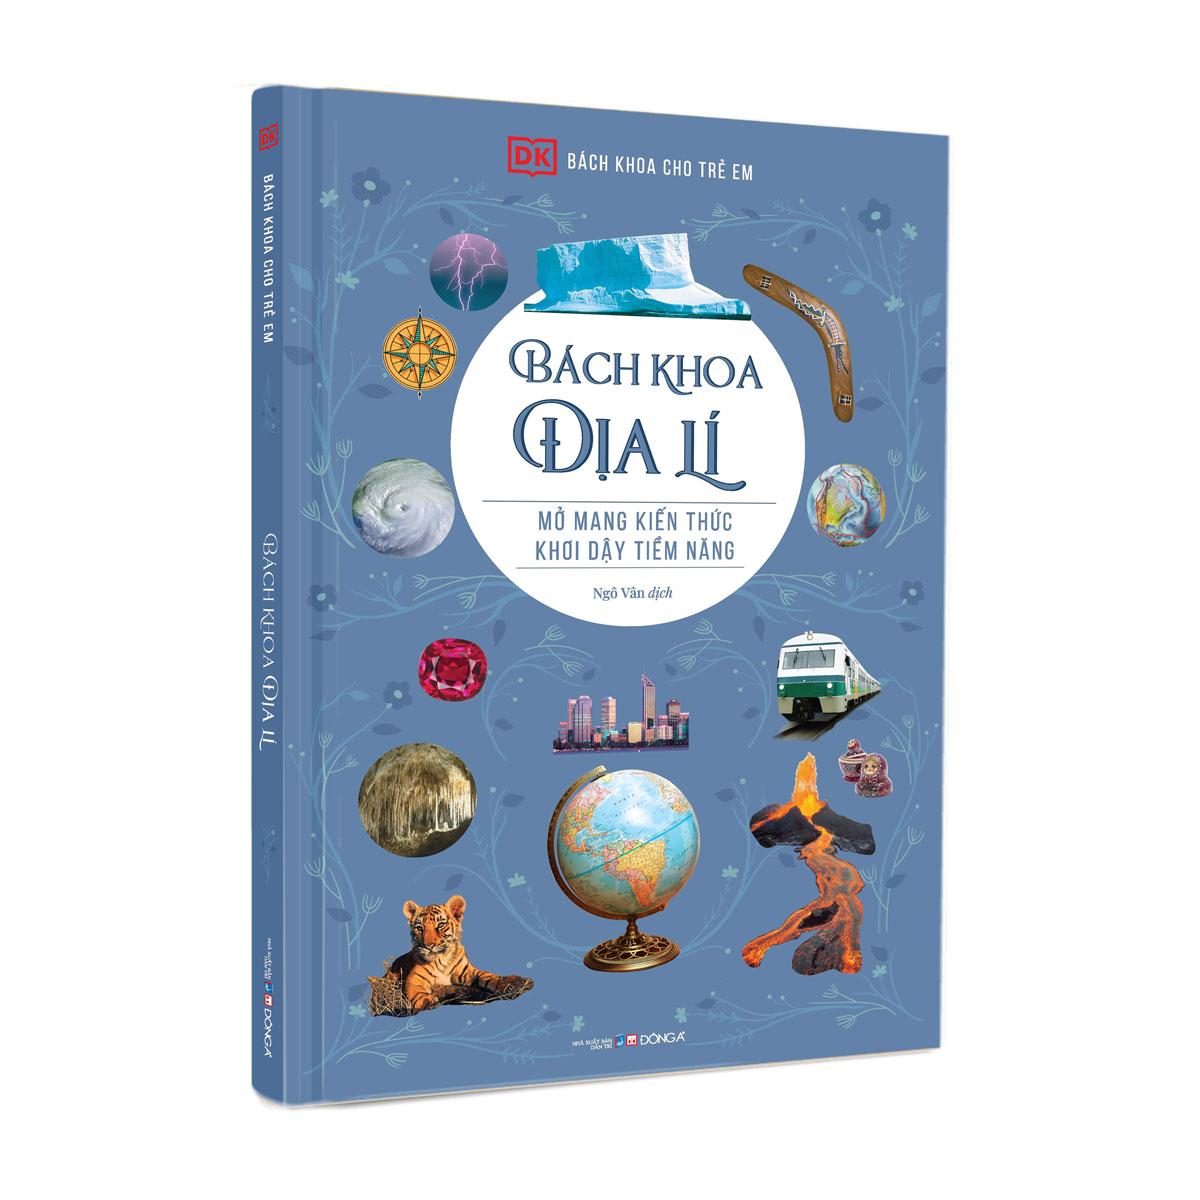 Sách Bách Khoa Cho Trẻ Em - Bách Khoa Địa Lí